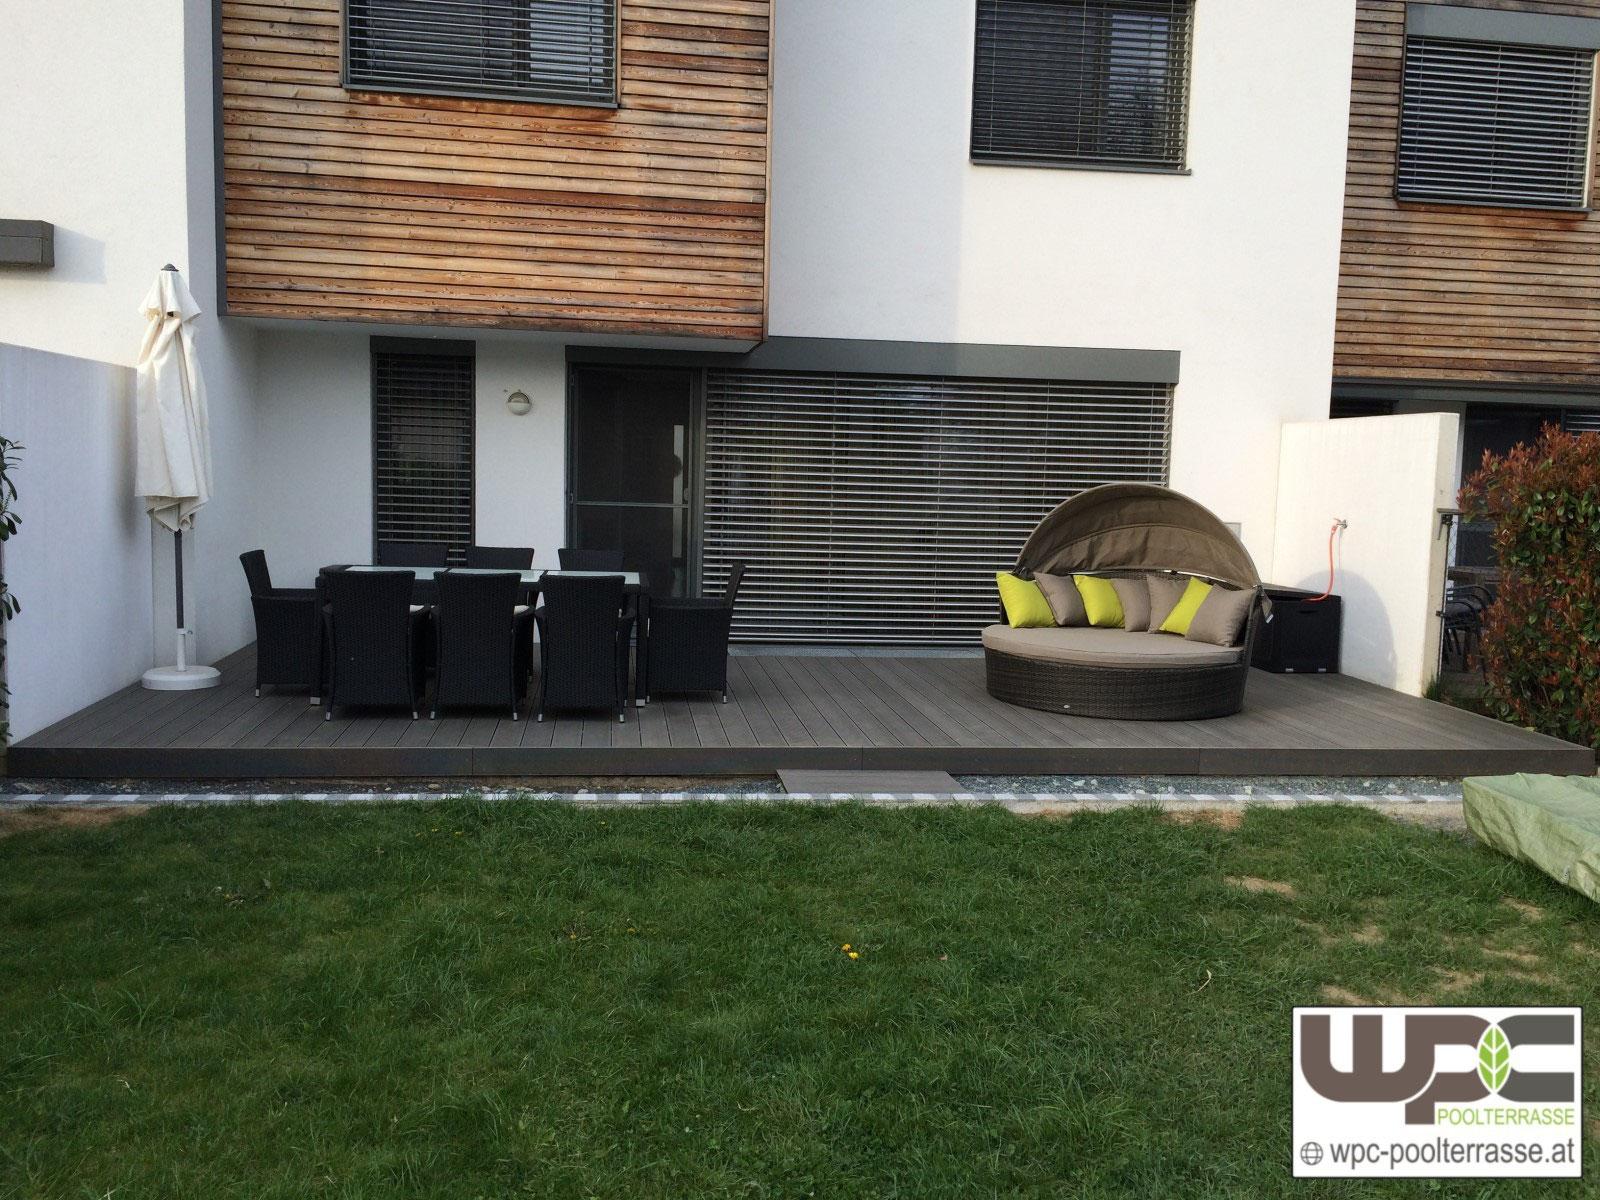 Terrasse Sanierung Vergrößerung Verlegt Mit Bpc Bambus Wpc Terrassenlen Montage Auf Alu Unterkonstrukion In Kies